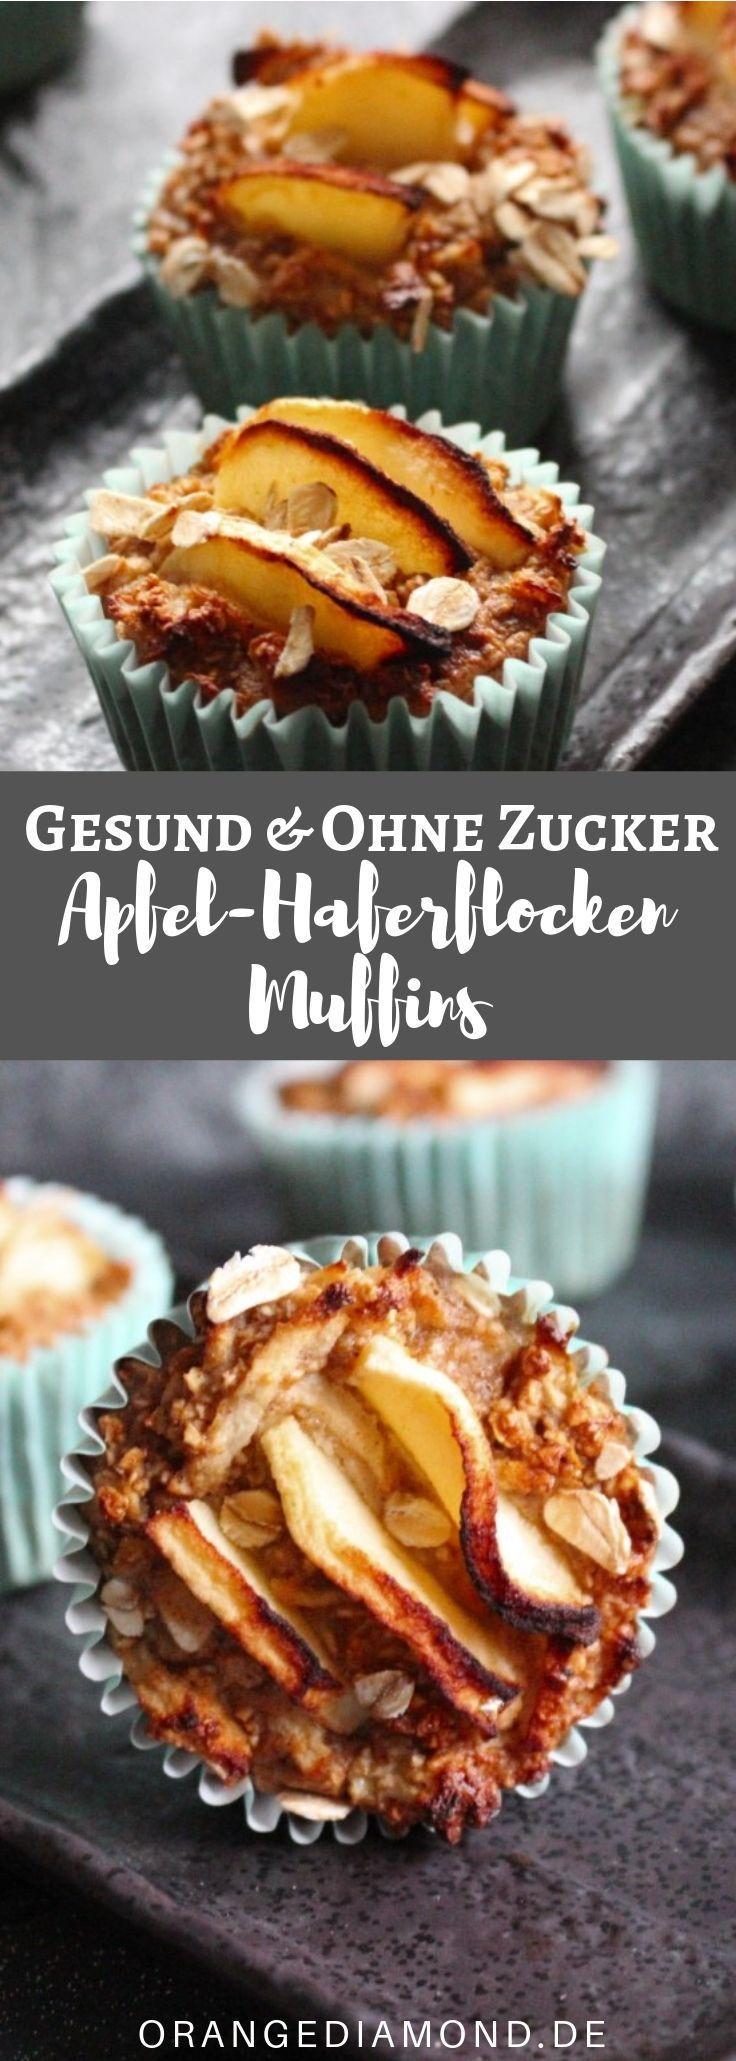 Gesunde Apfel-Haferflocken-Muffins [Rezept]